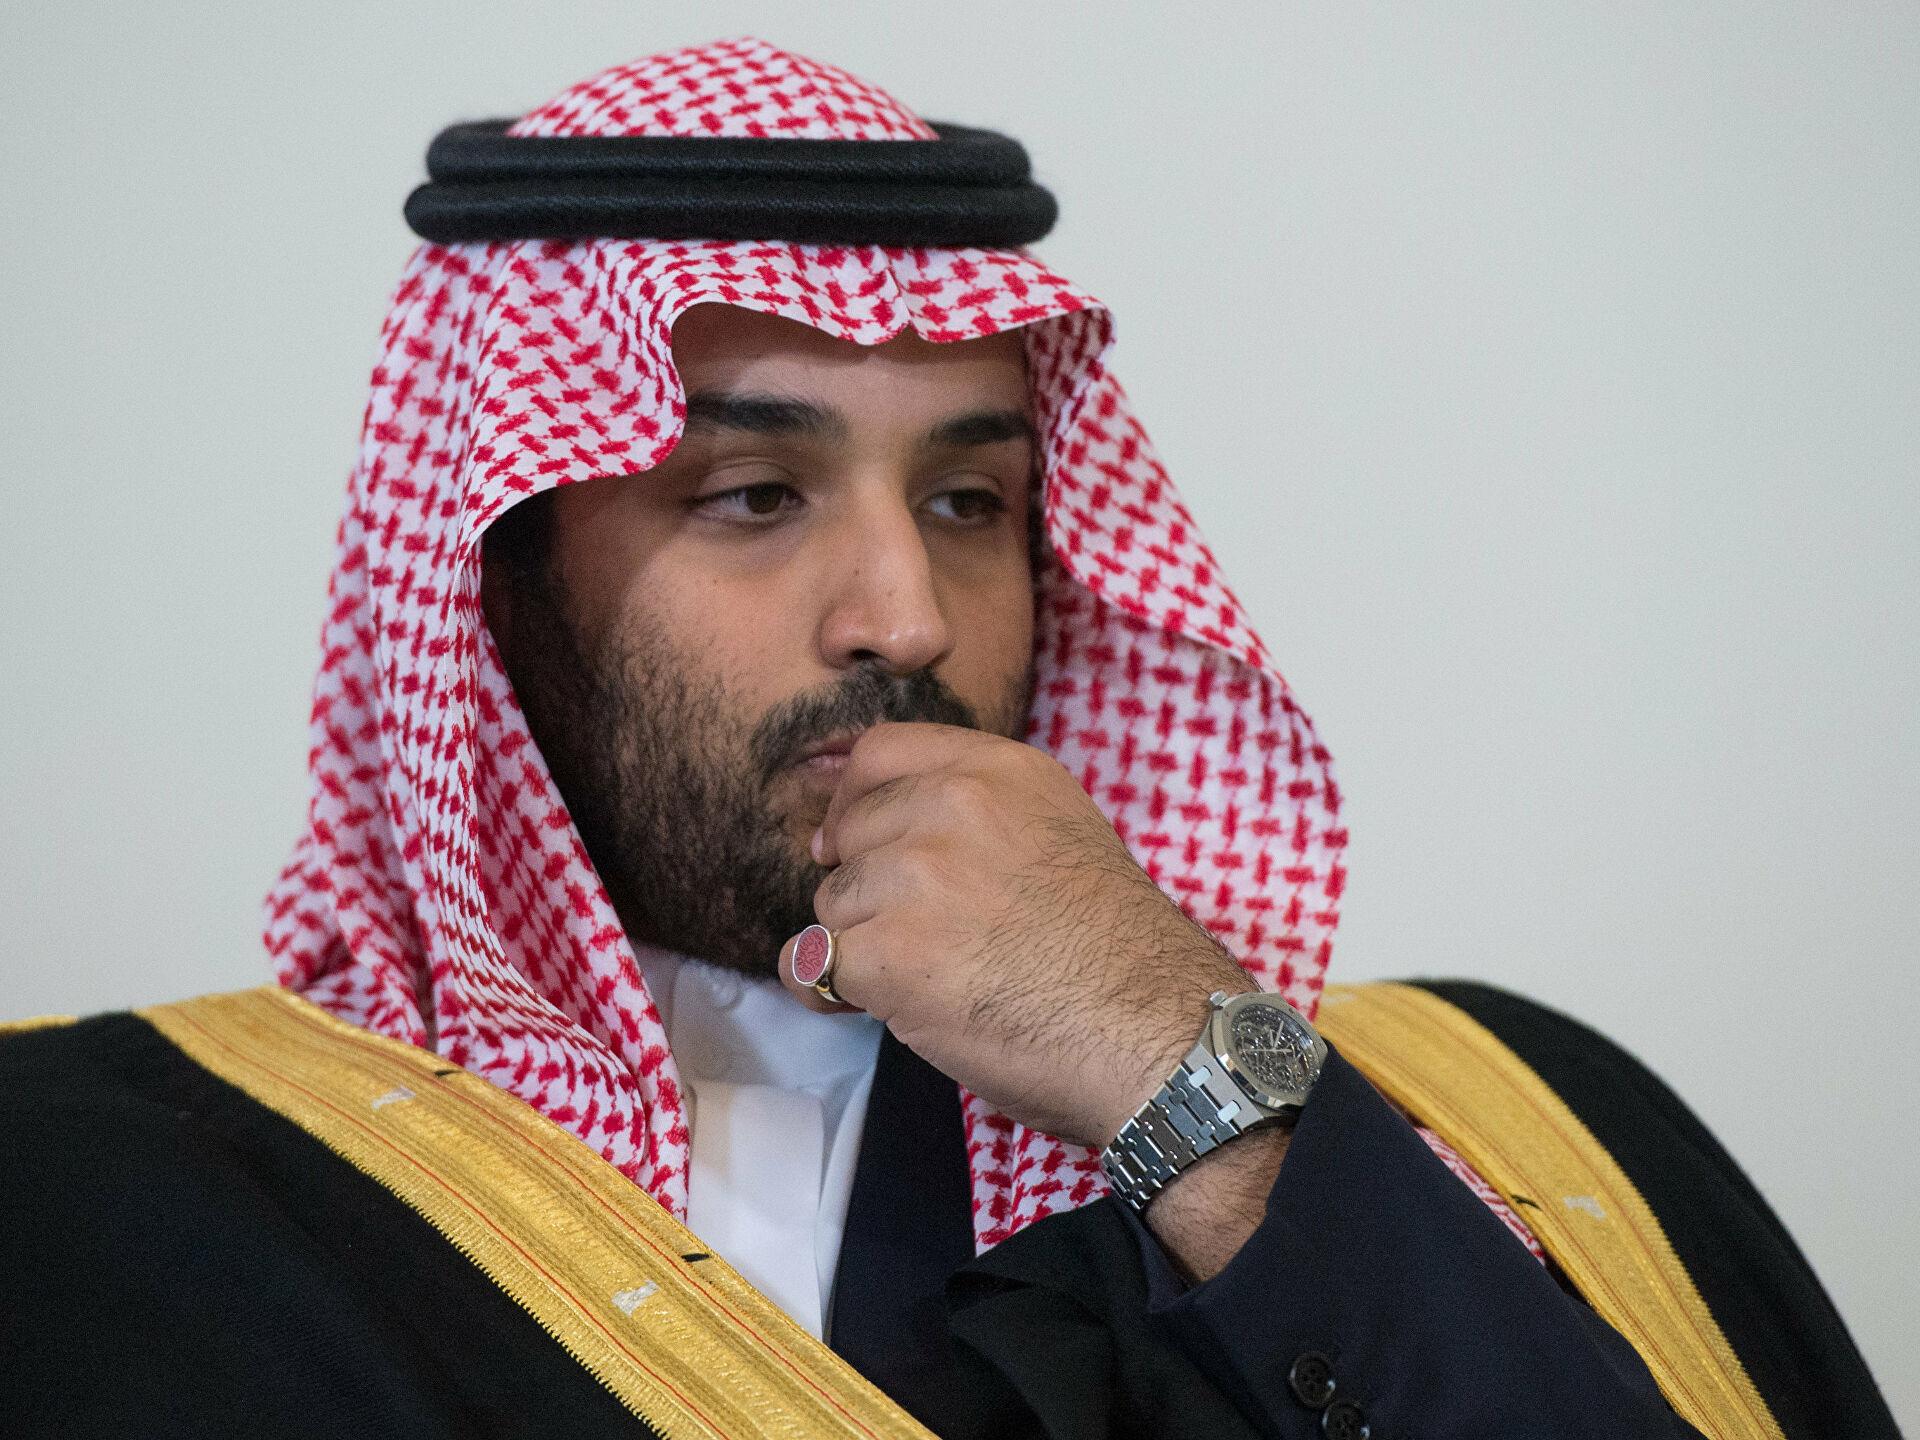 САД не искључују санкције против саудијског престолонаследника